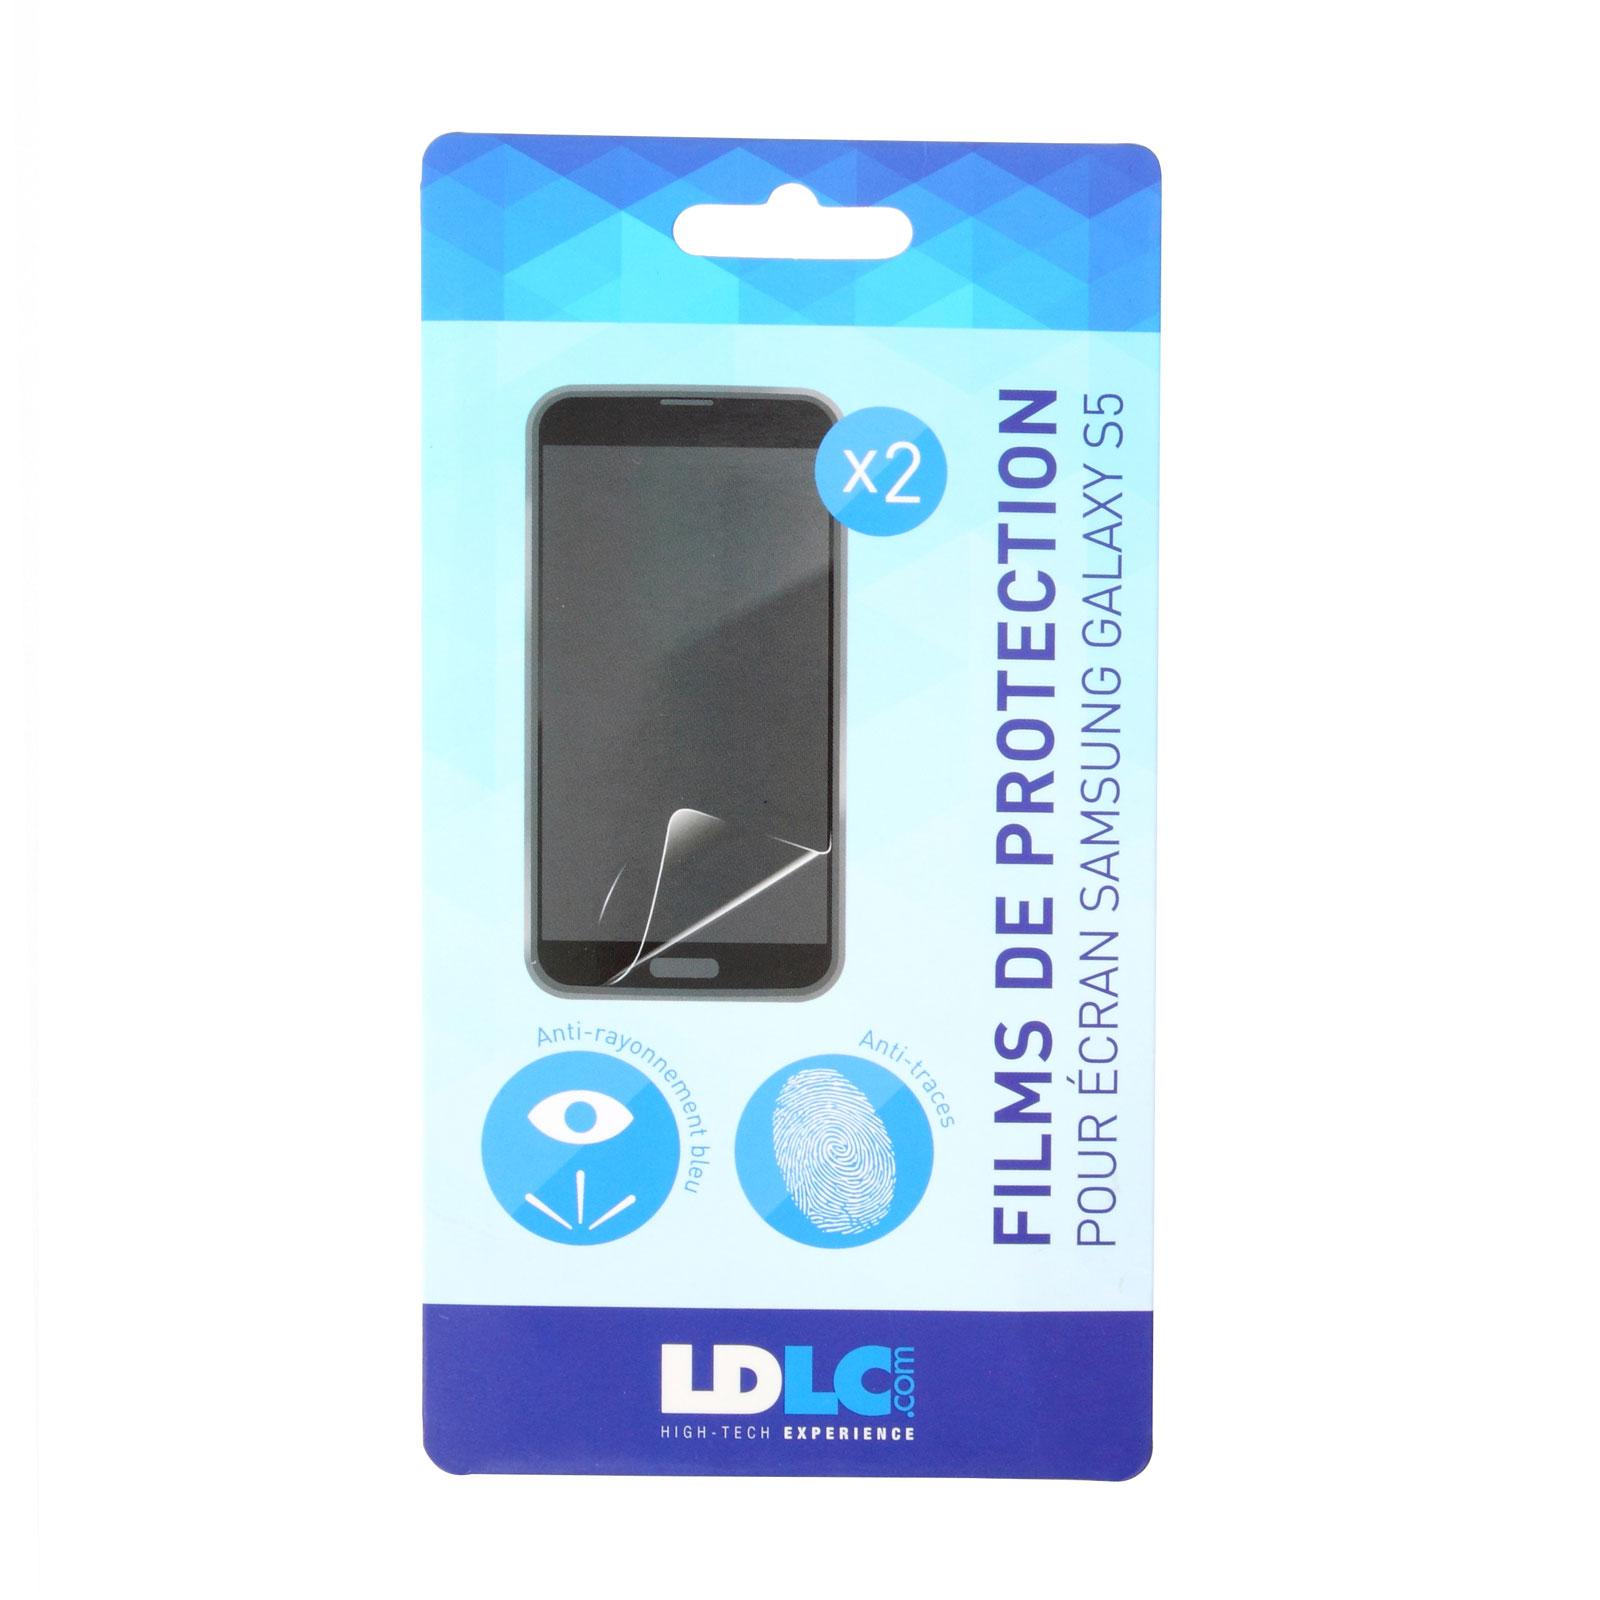 Film protecteur téléphone LDLC film de protection écran pour Galaxy S5 Lot de 2 films de protection d'écran pour Samsung Galaxy S5